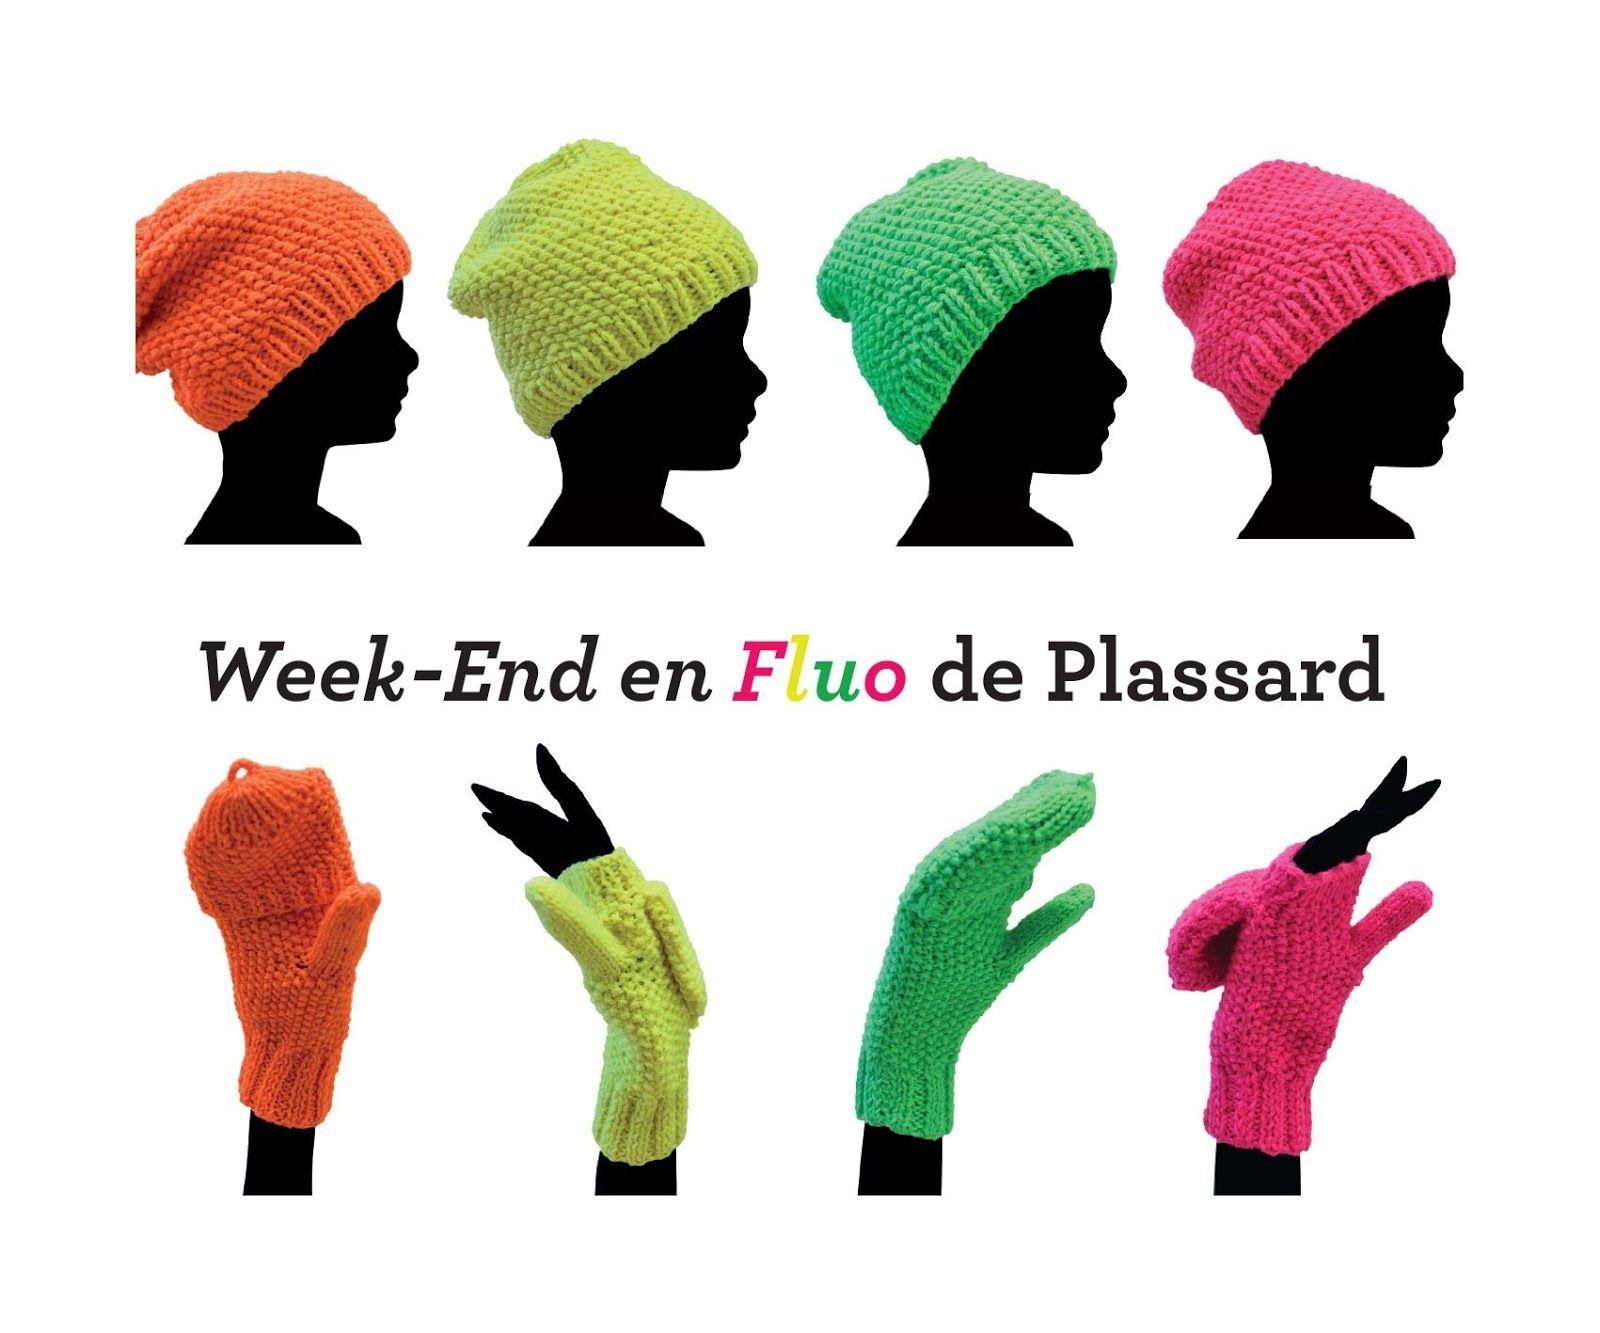 modele-gratuit-plassard-bonnet-moufles-fluo | tricot modèles | Pinterest